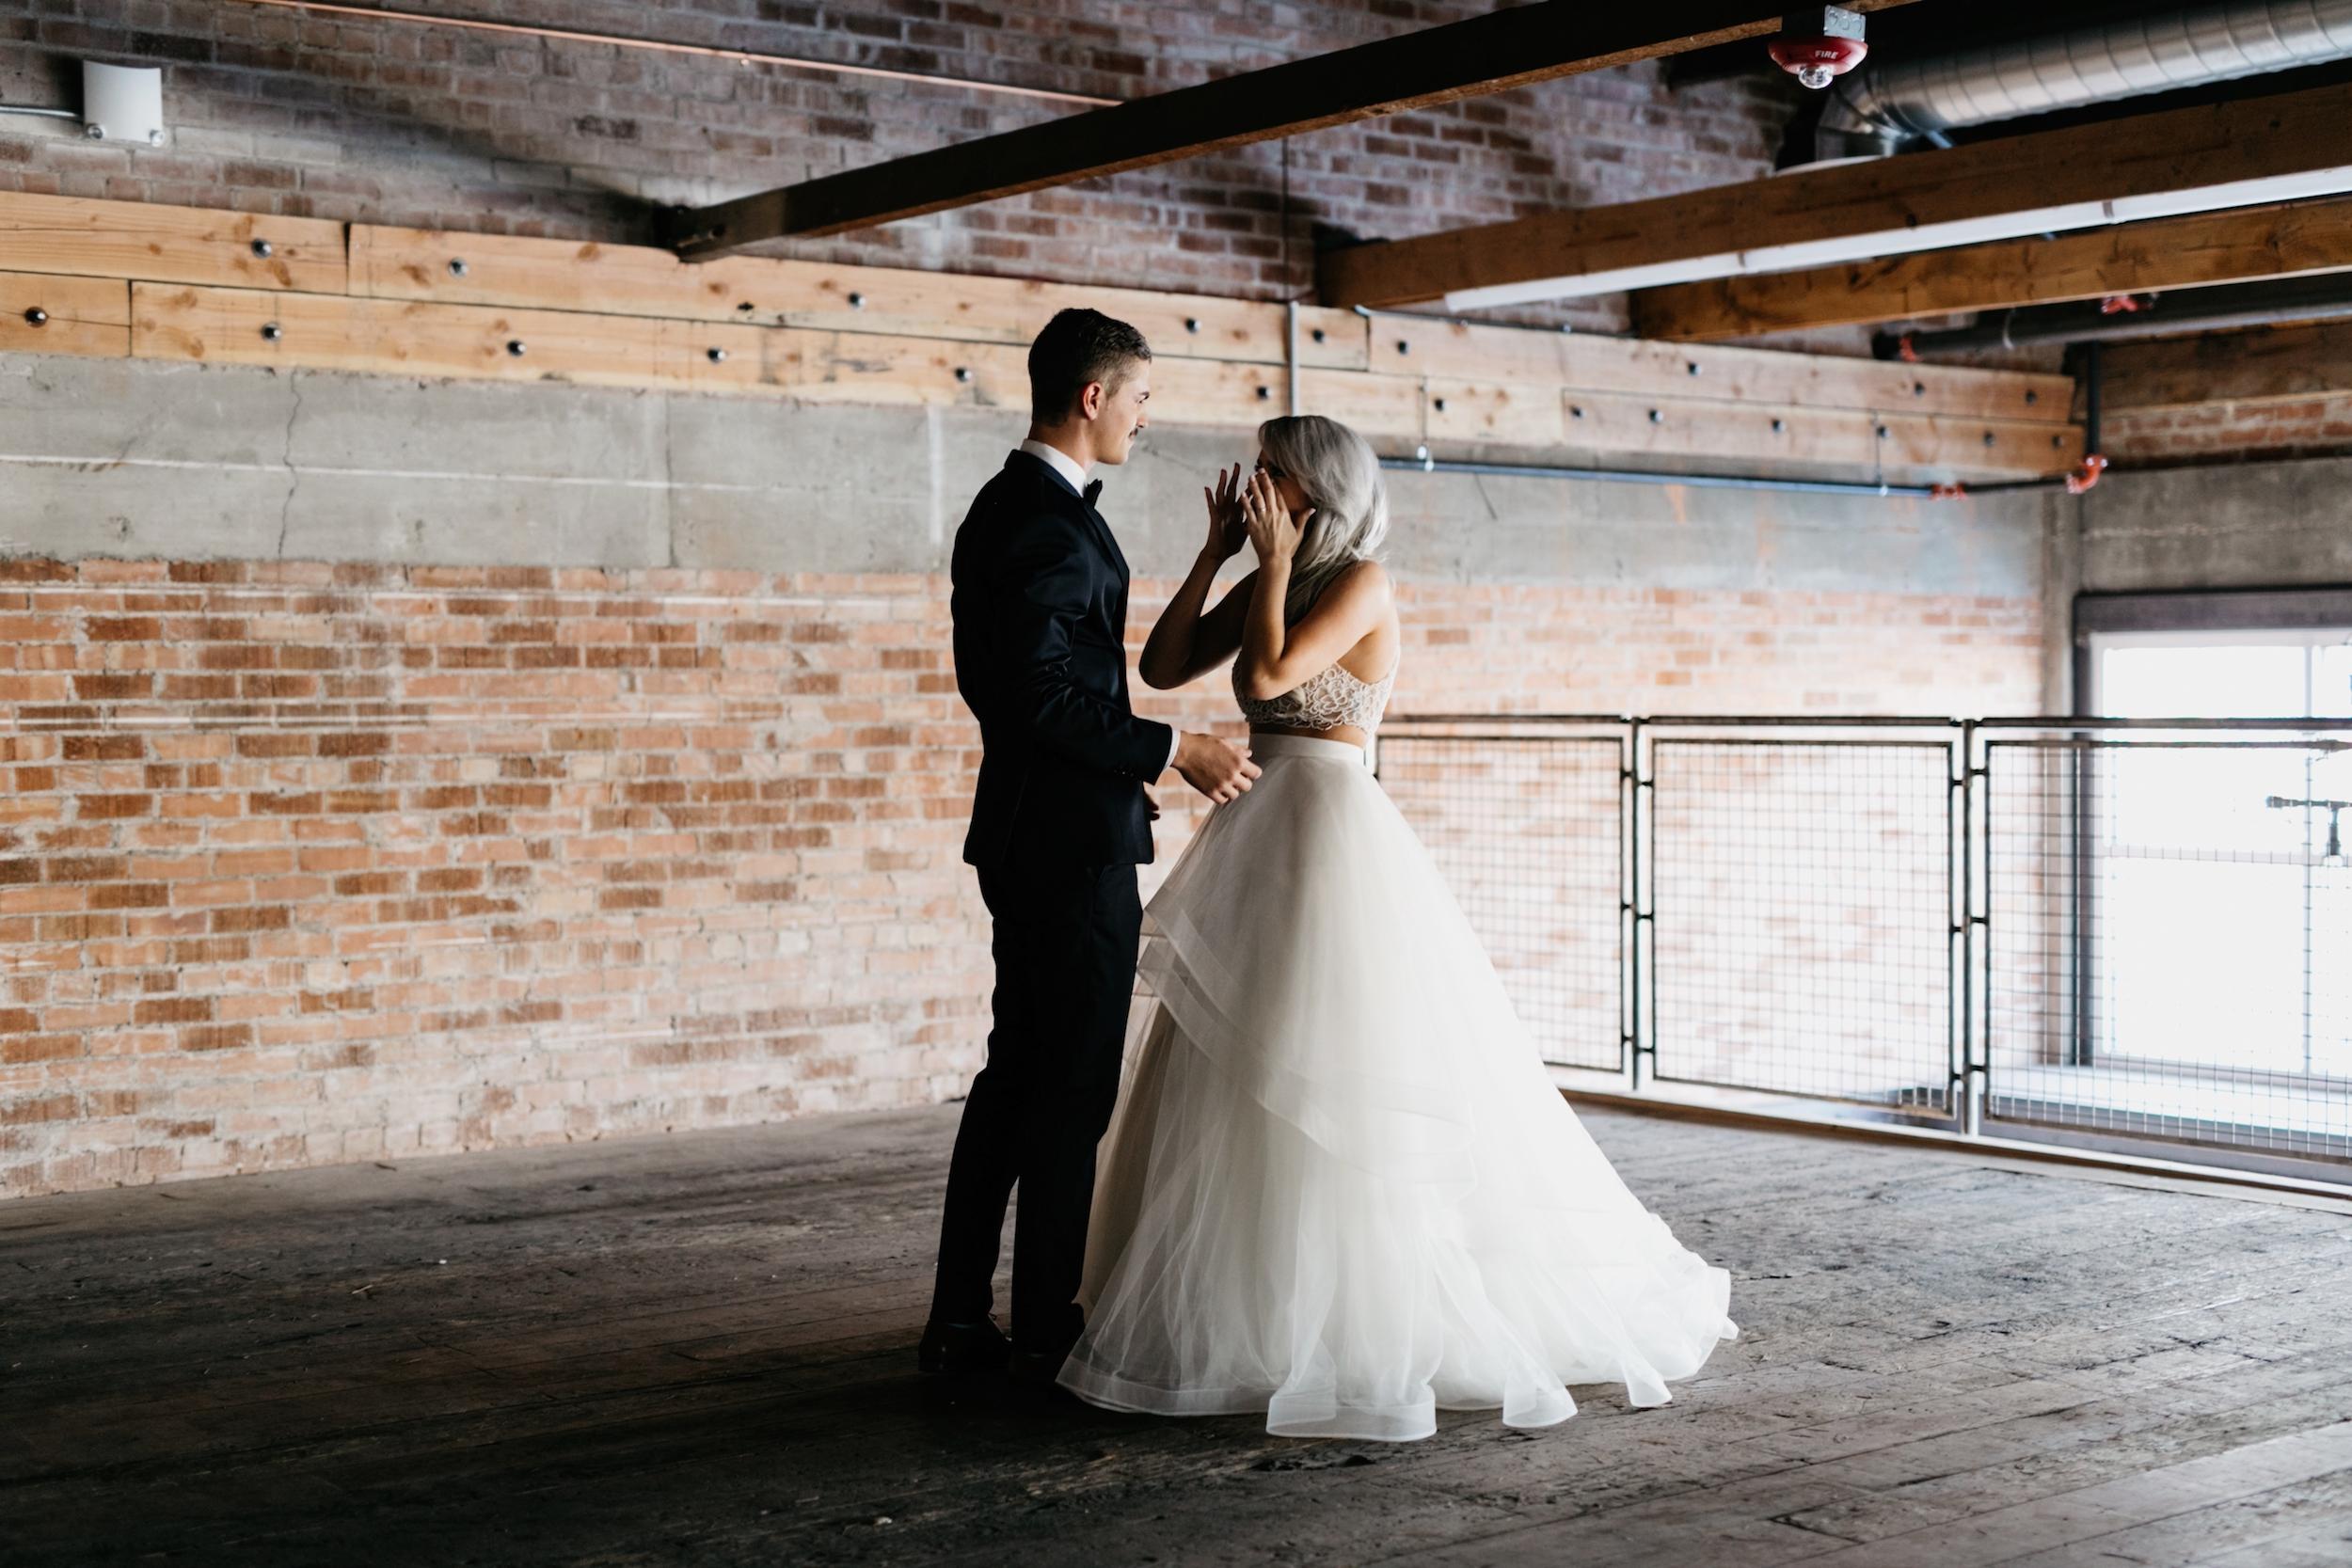 arizona - wedding - photography 01232.jpg